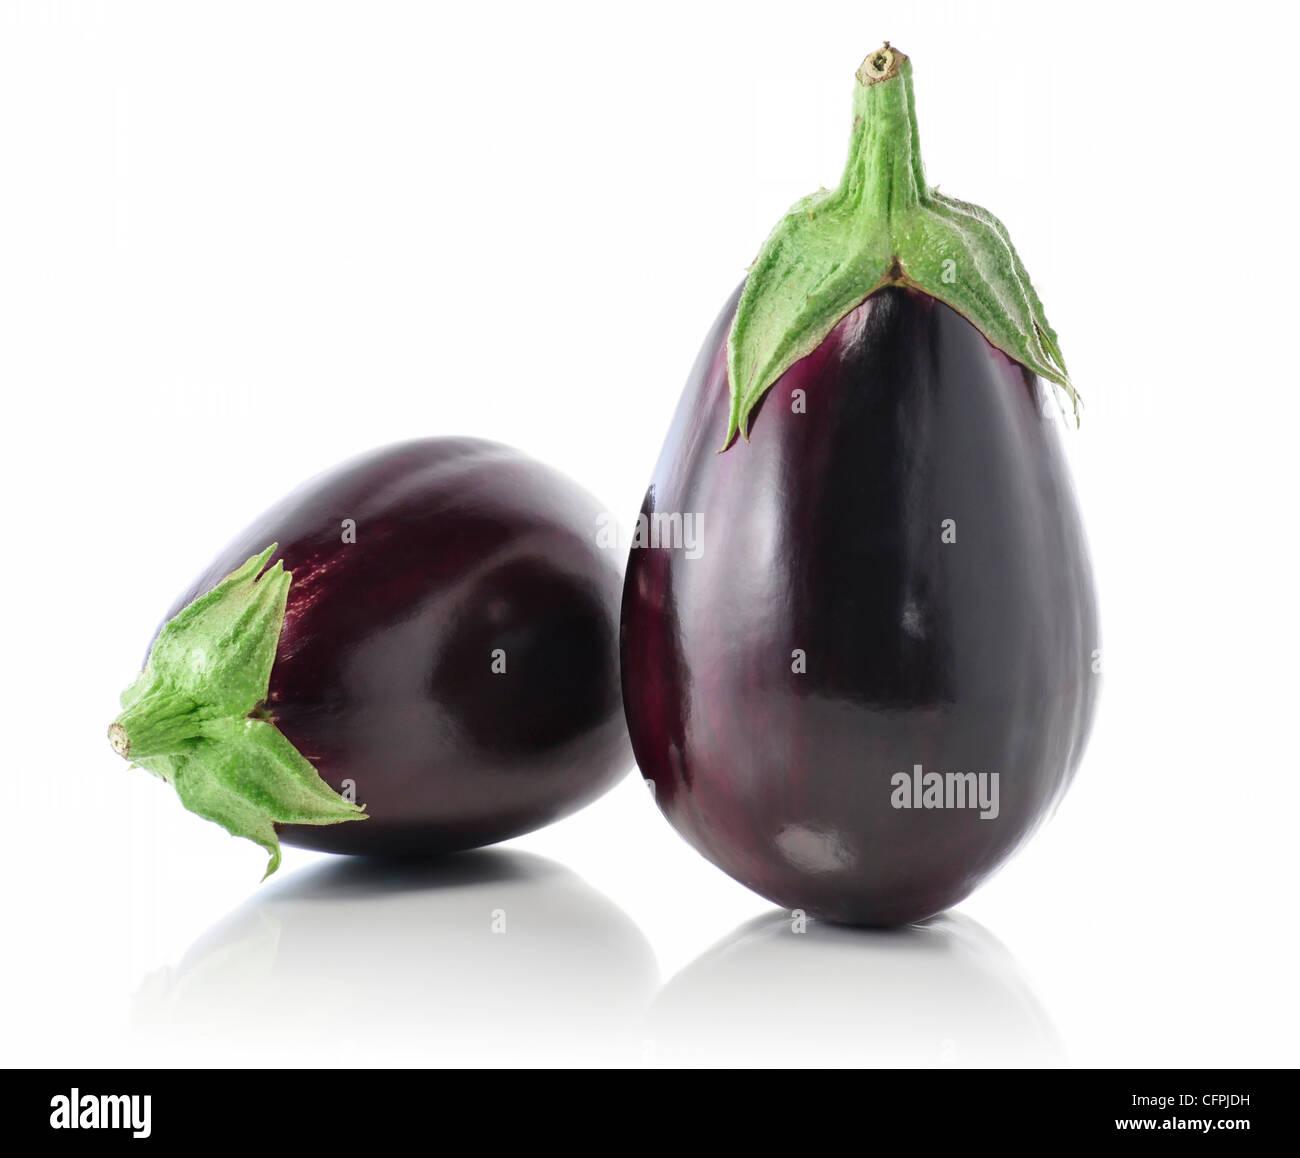 eggplants on white background - Stock Image